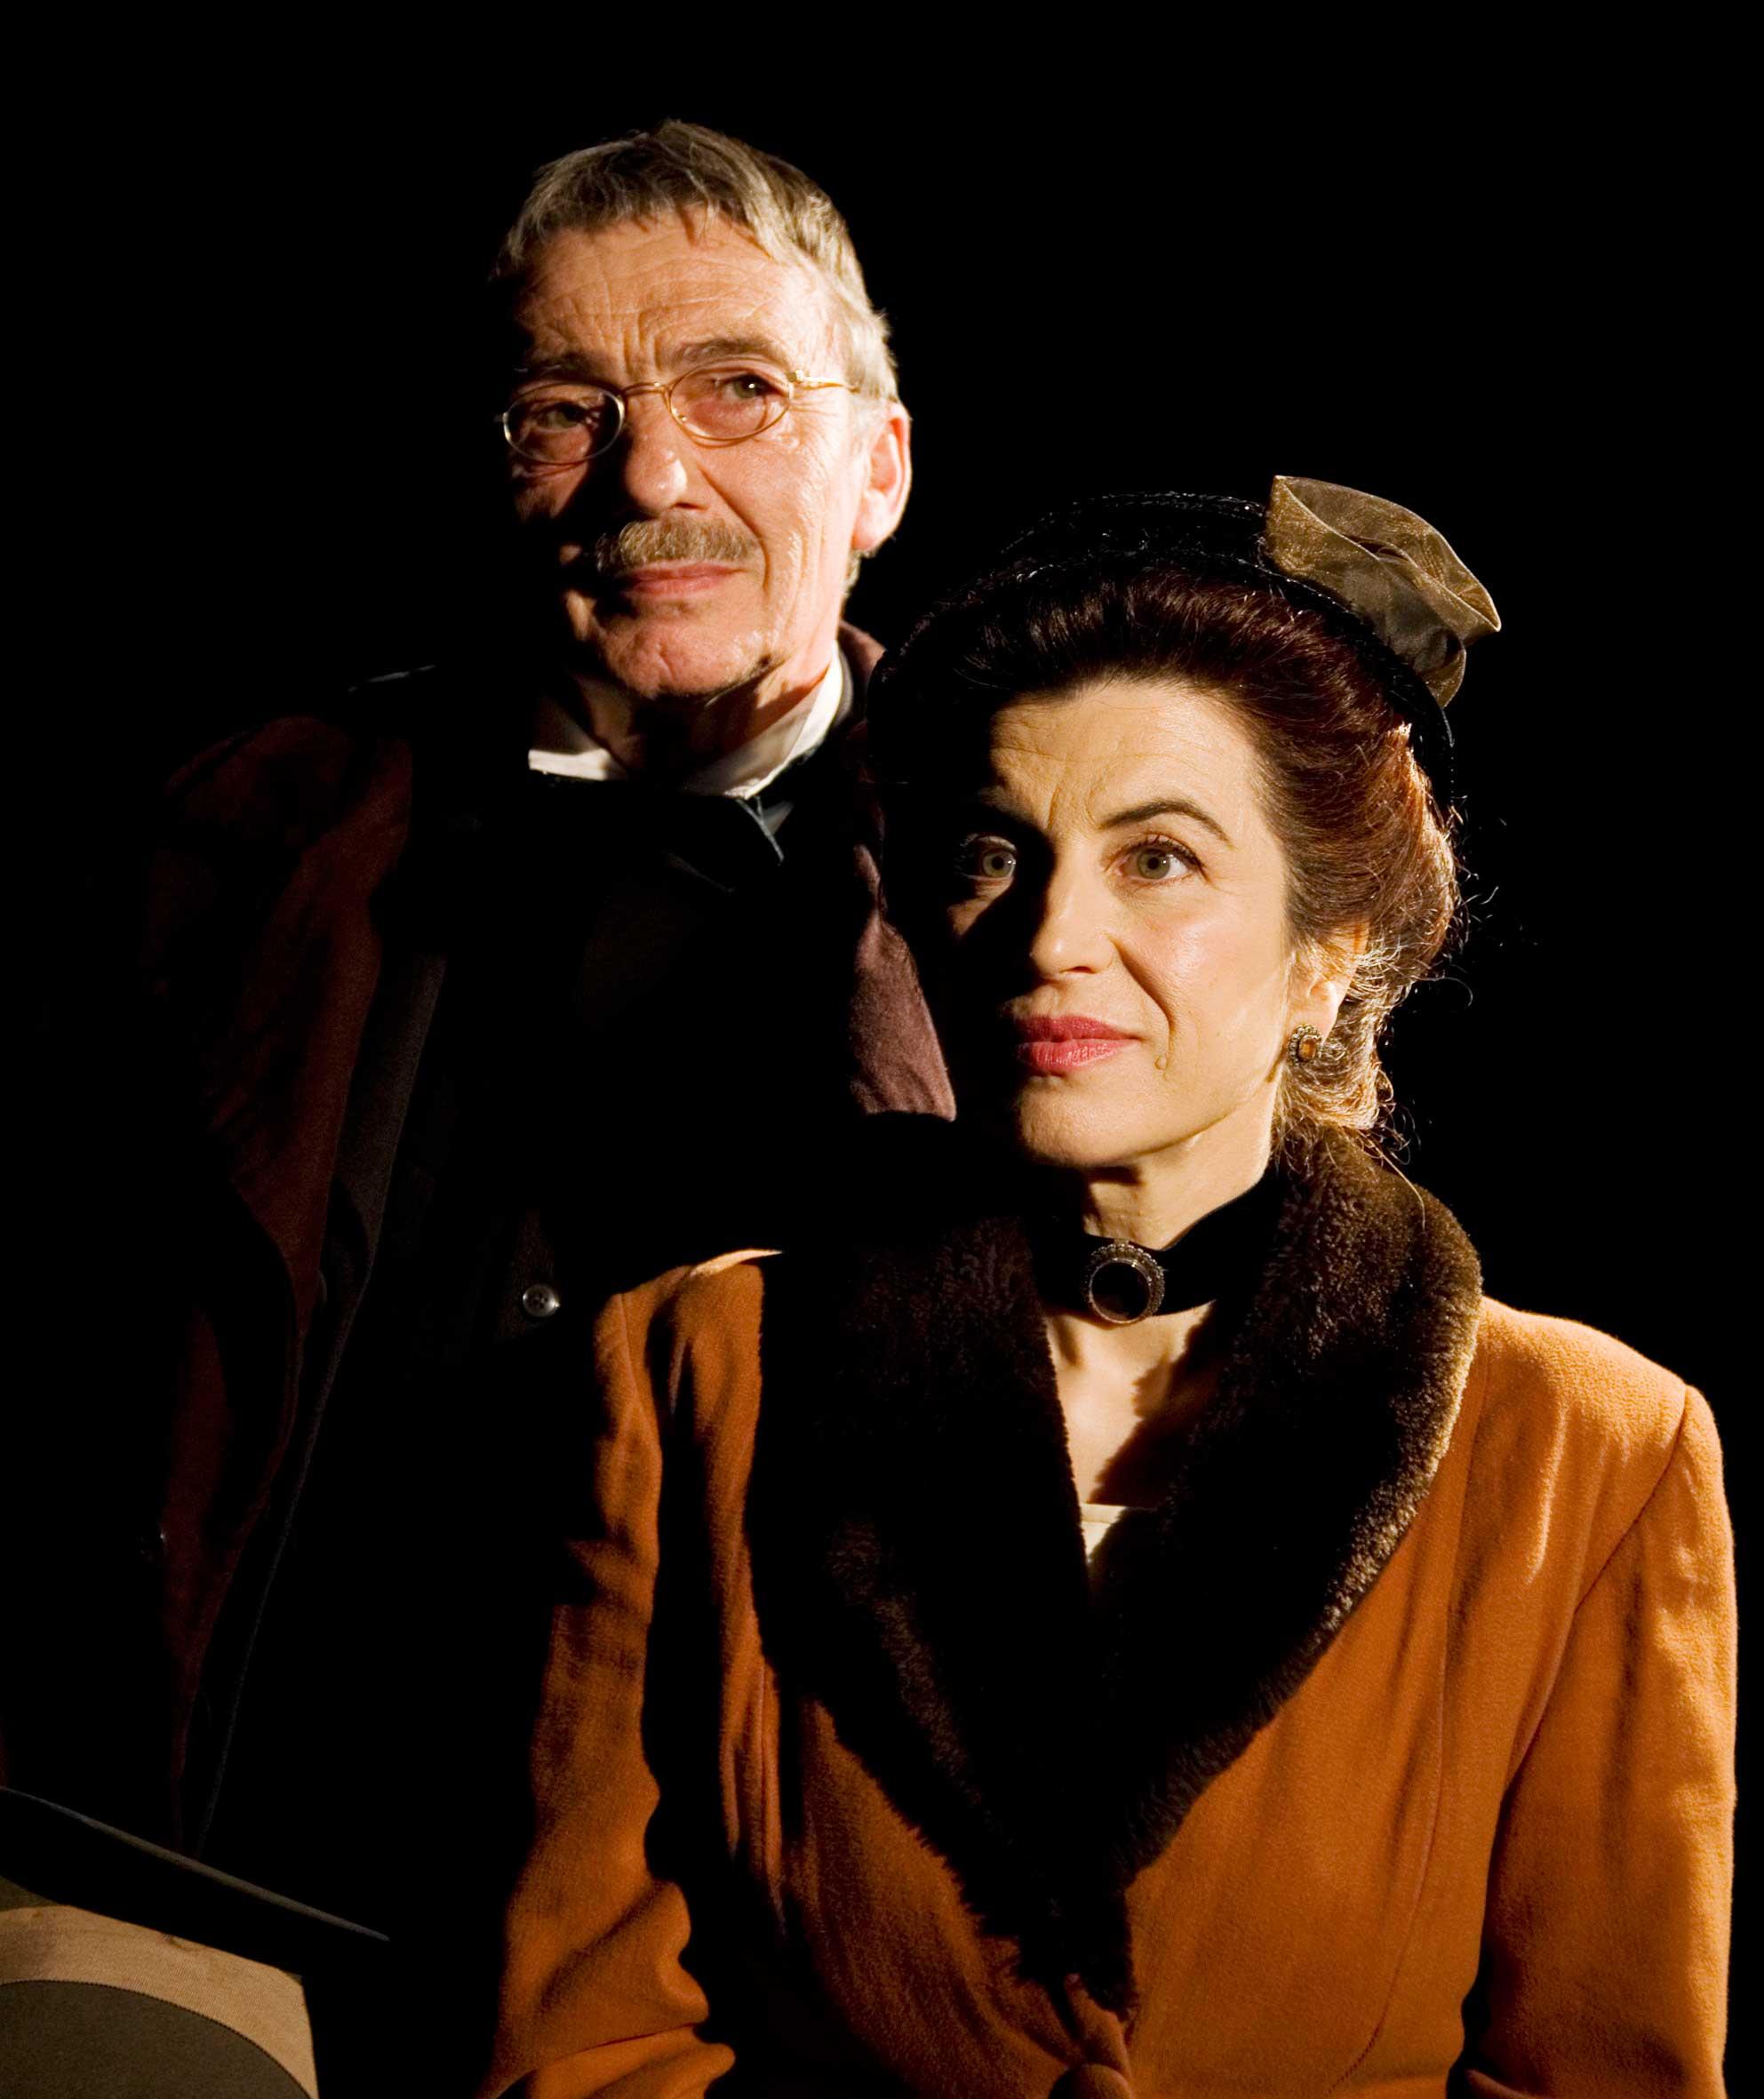 Teatro do Atlántico repite no teatro contemporáneo cunha peza dobre inspirada en Chéjov